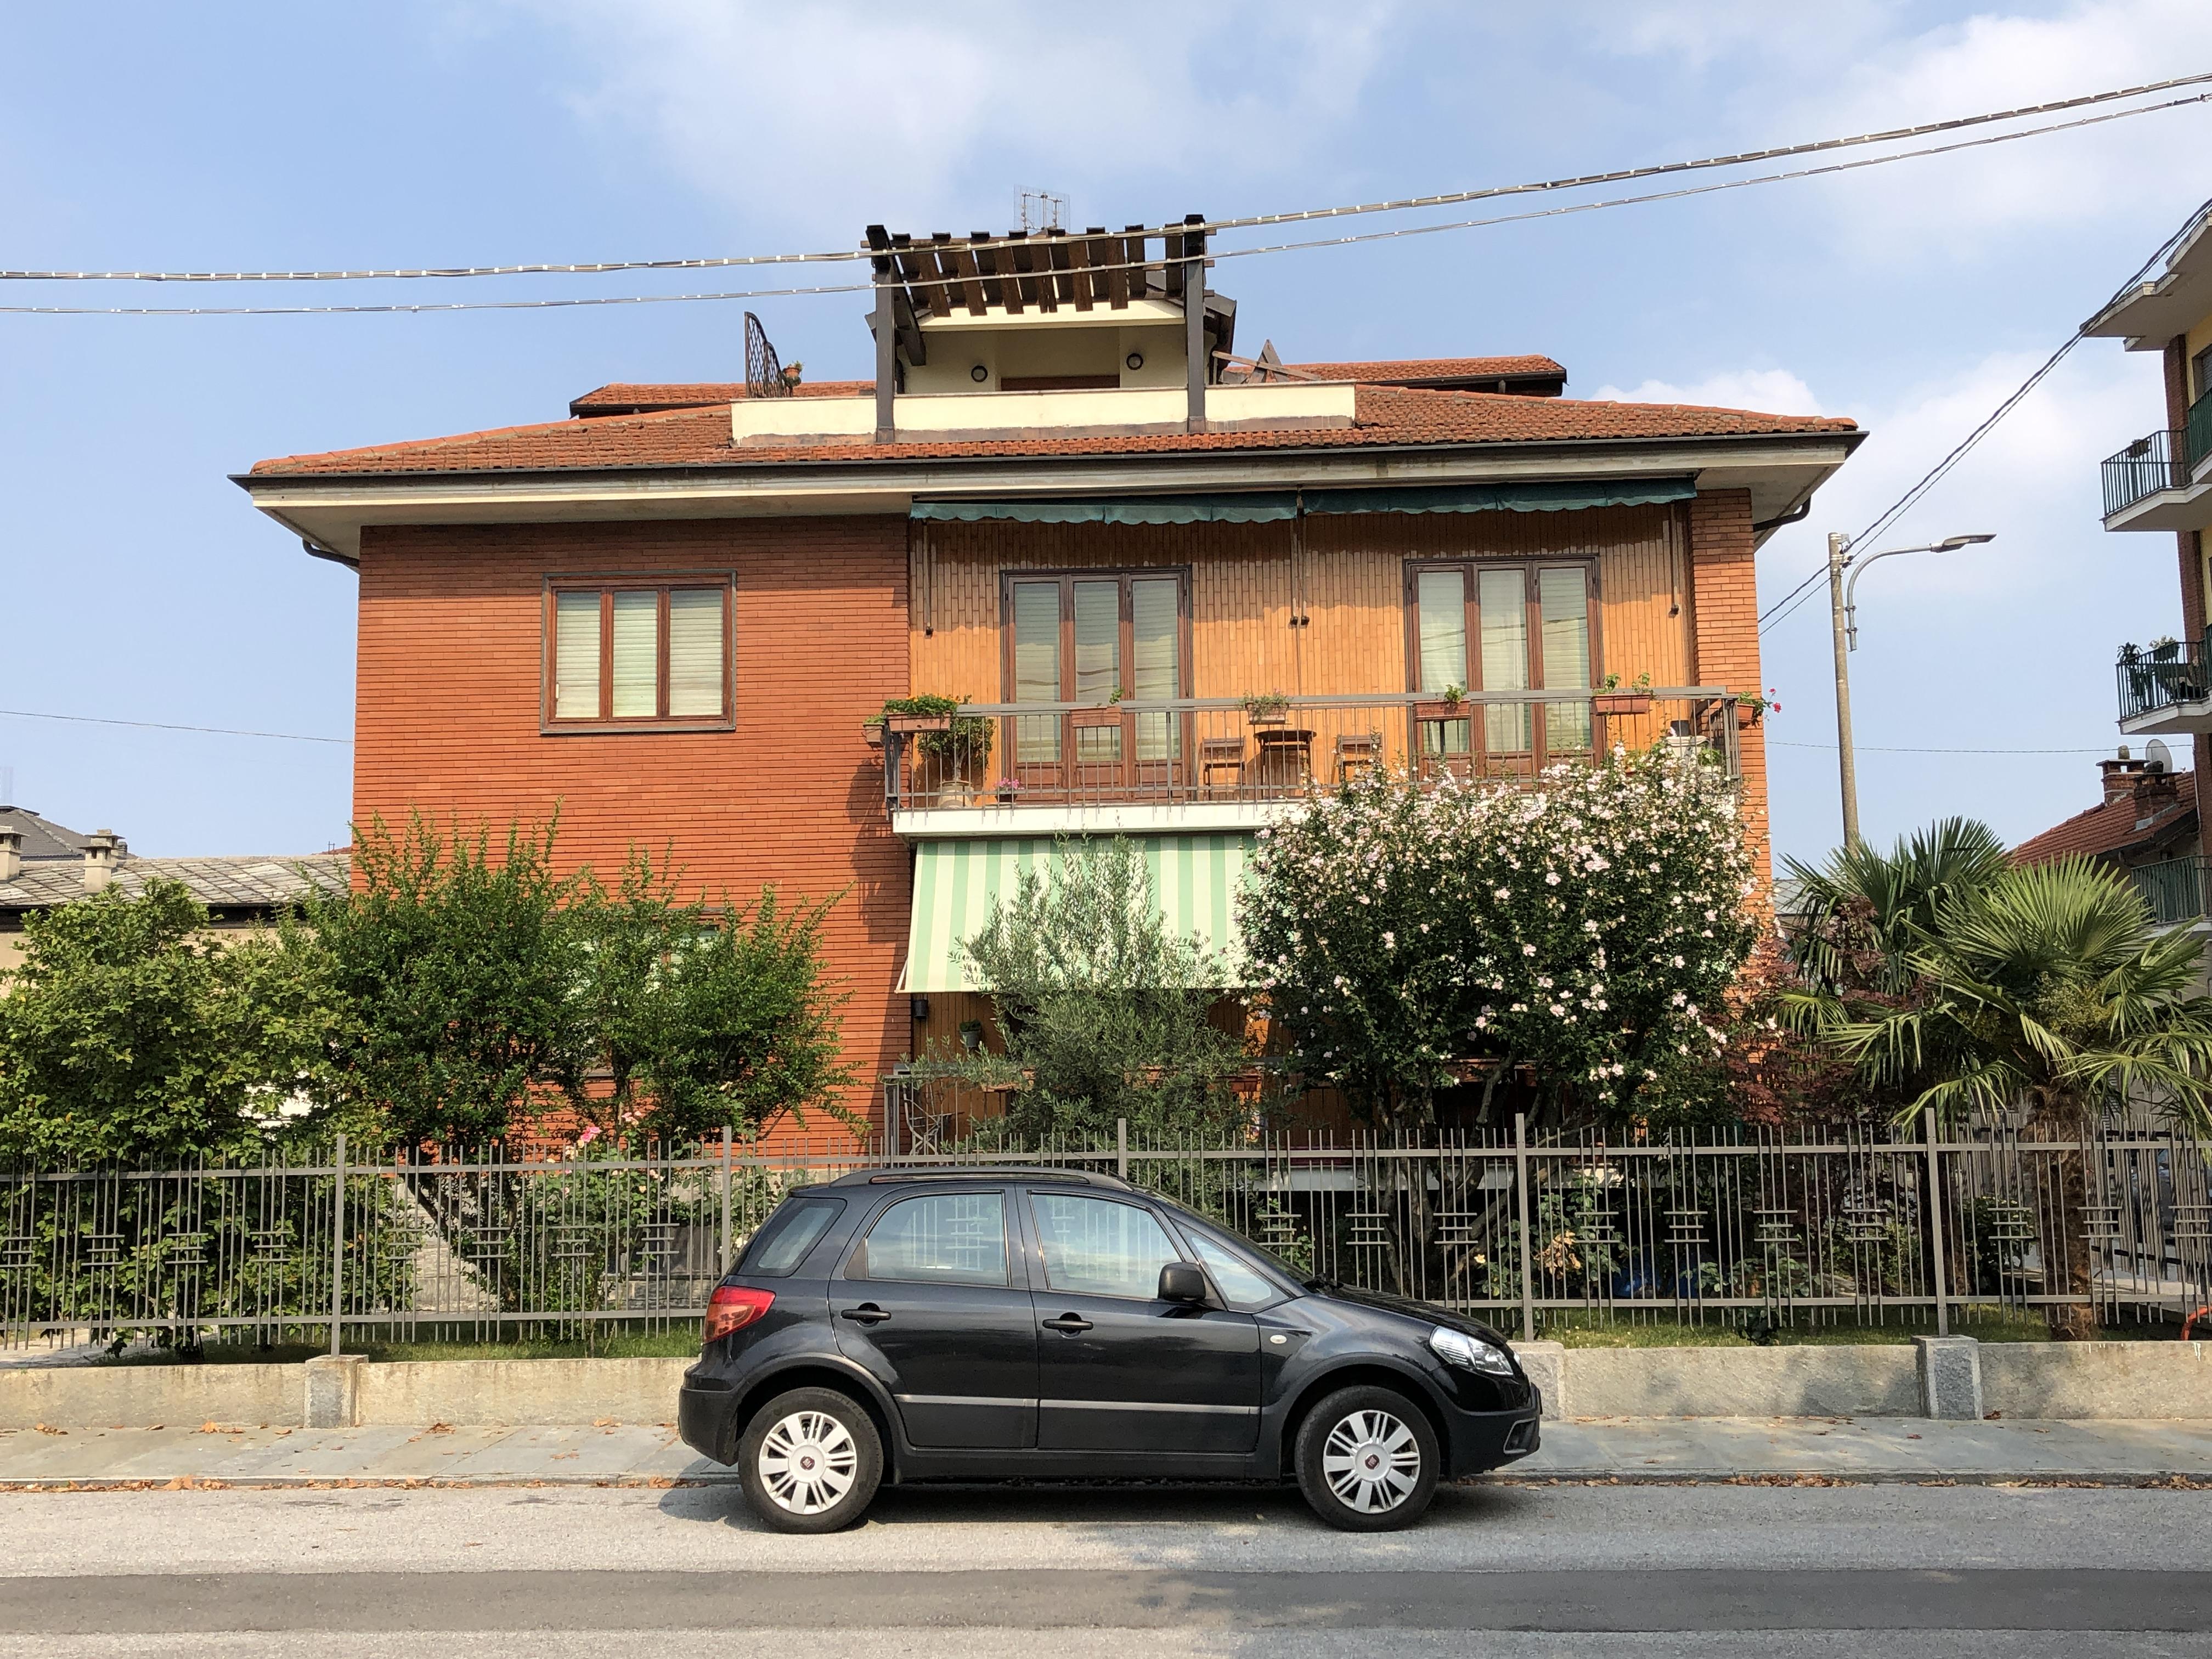 Luserna S.G.- Centro Paese alloggio ristrutturato